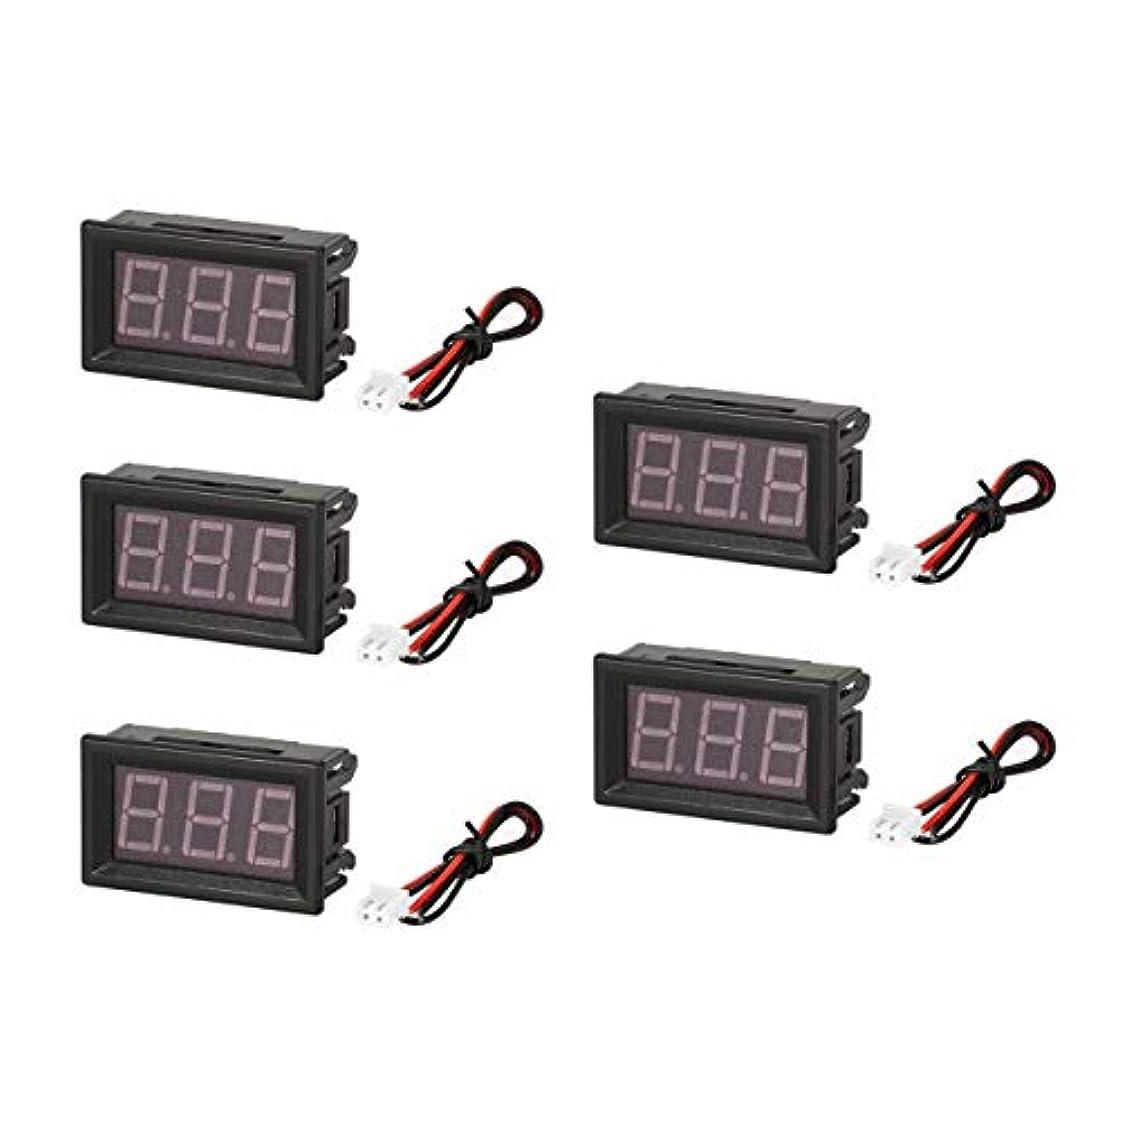 素晴らしいです南ズボン5PCS 5-130V 0.56in 3線式LEDデジタル電圧計電圧計カーボルトテスター